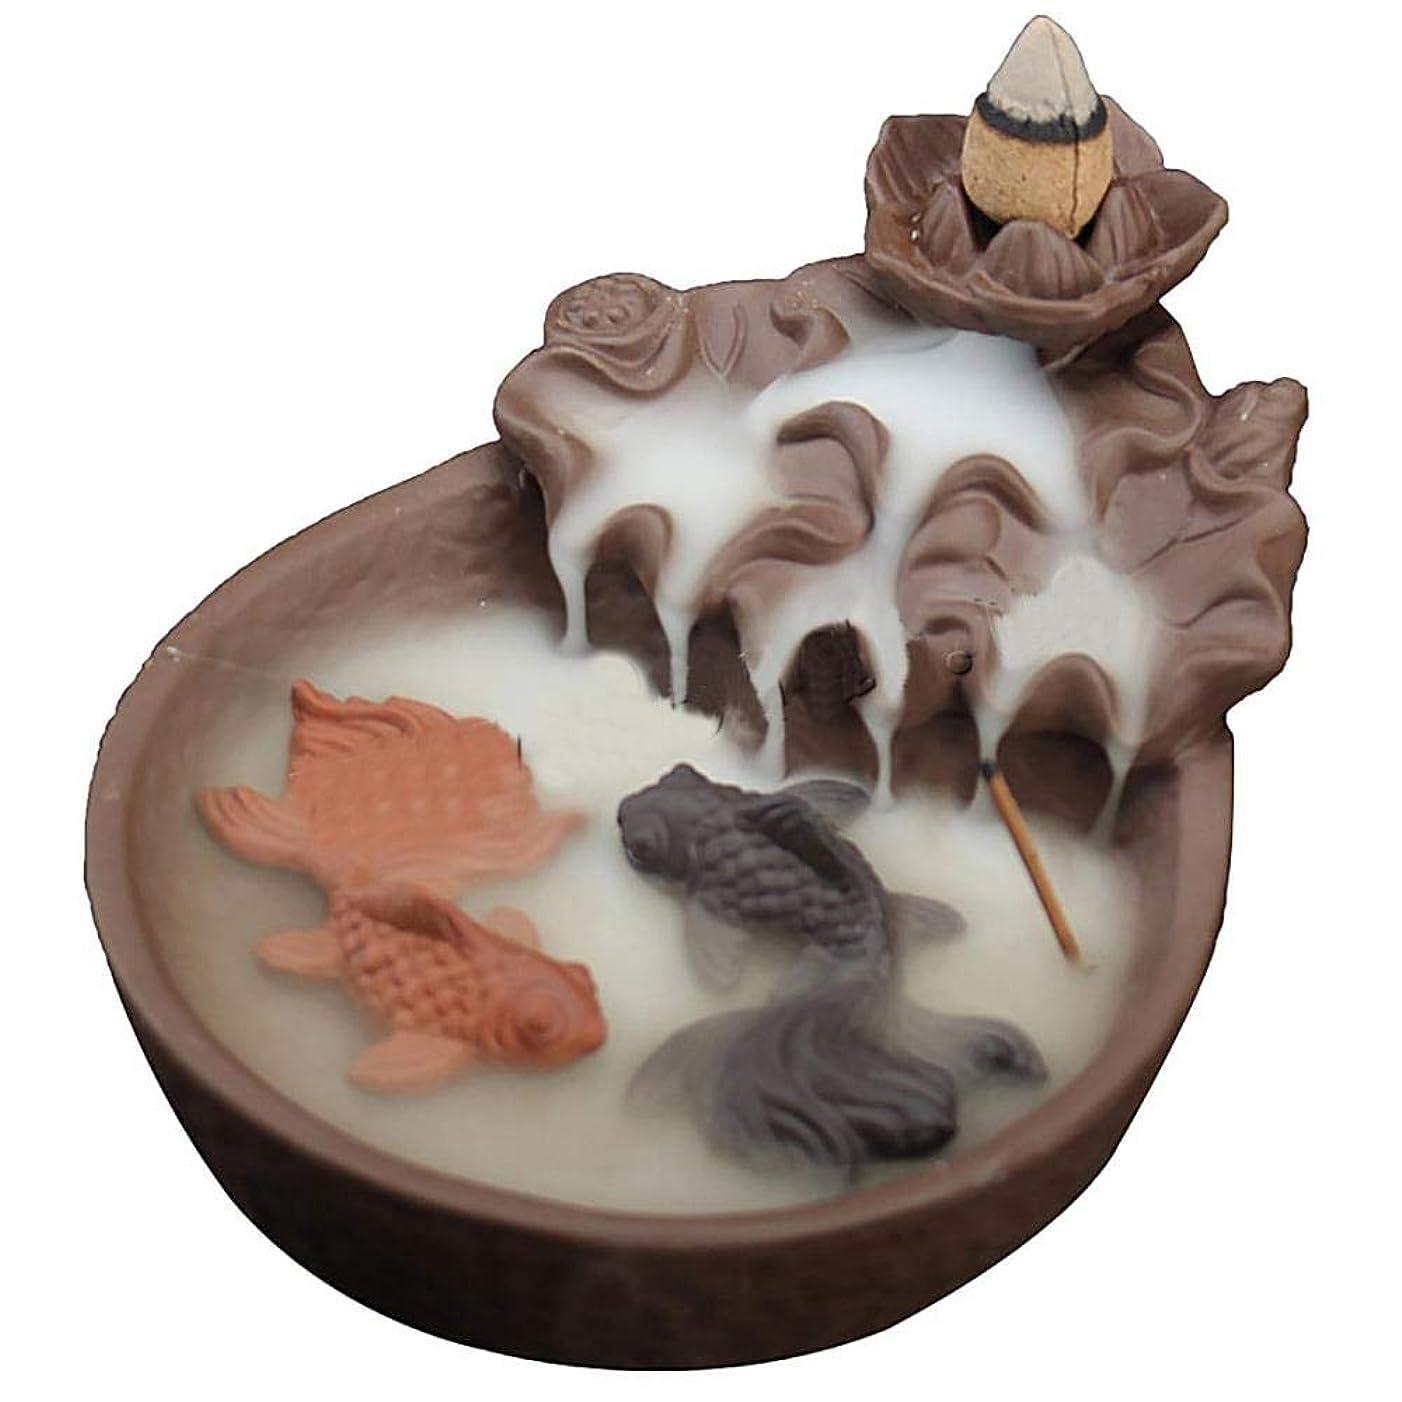 を必要としています見習い恐怖LEAFIS セラミック製 魚の逆流香炉 お香 コーン型お香 スティックホルダー ヨガルーム ホームデコレーション 手芸ギフトに最適 コーン10個付き